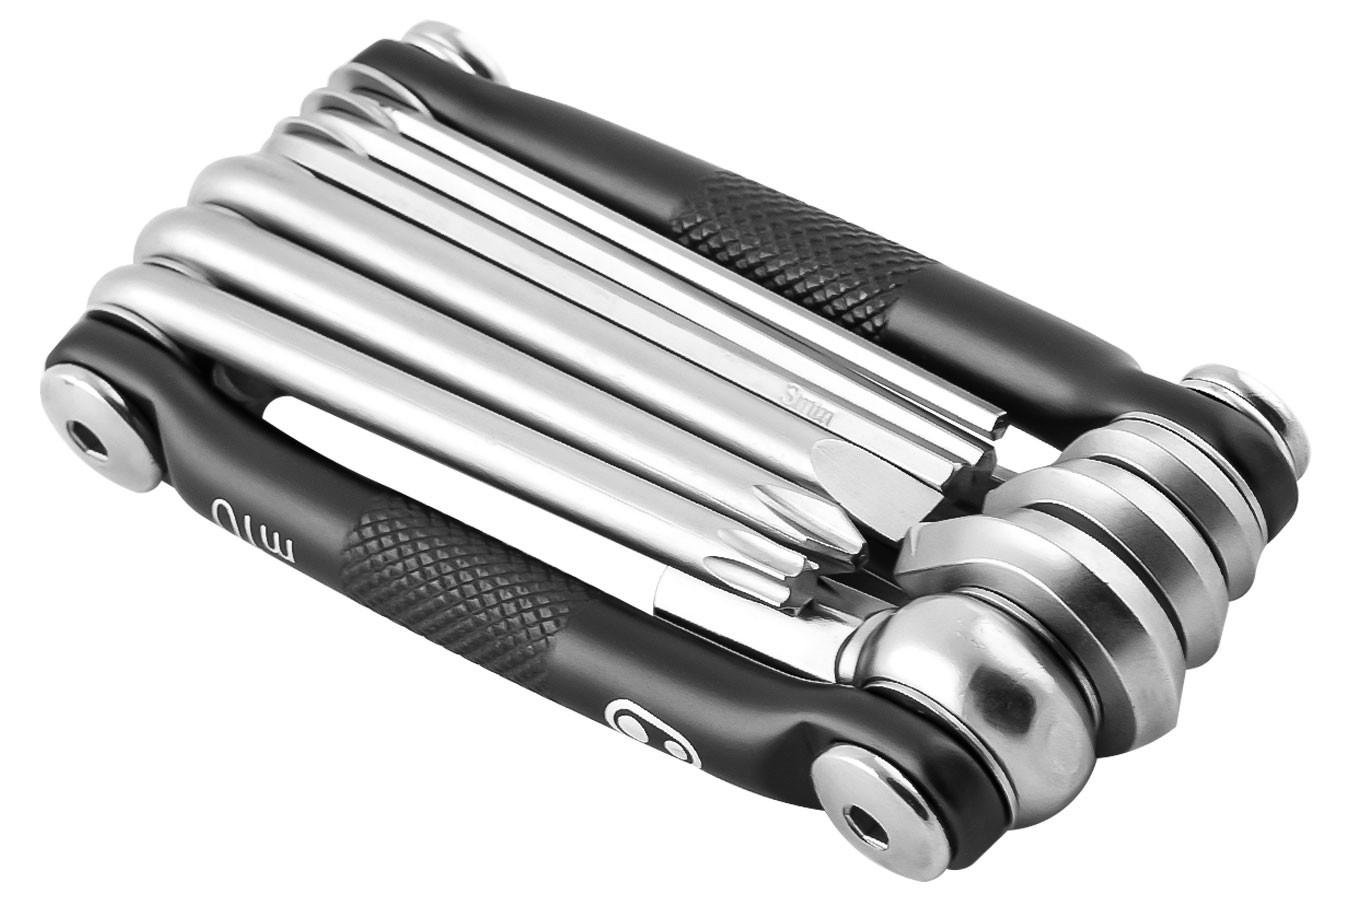 Canivete Multi-10 polido 10 Funções Crank Brothers